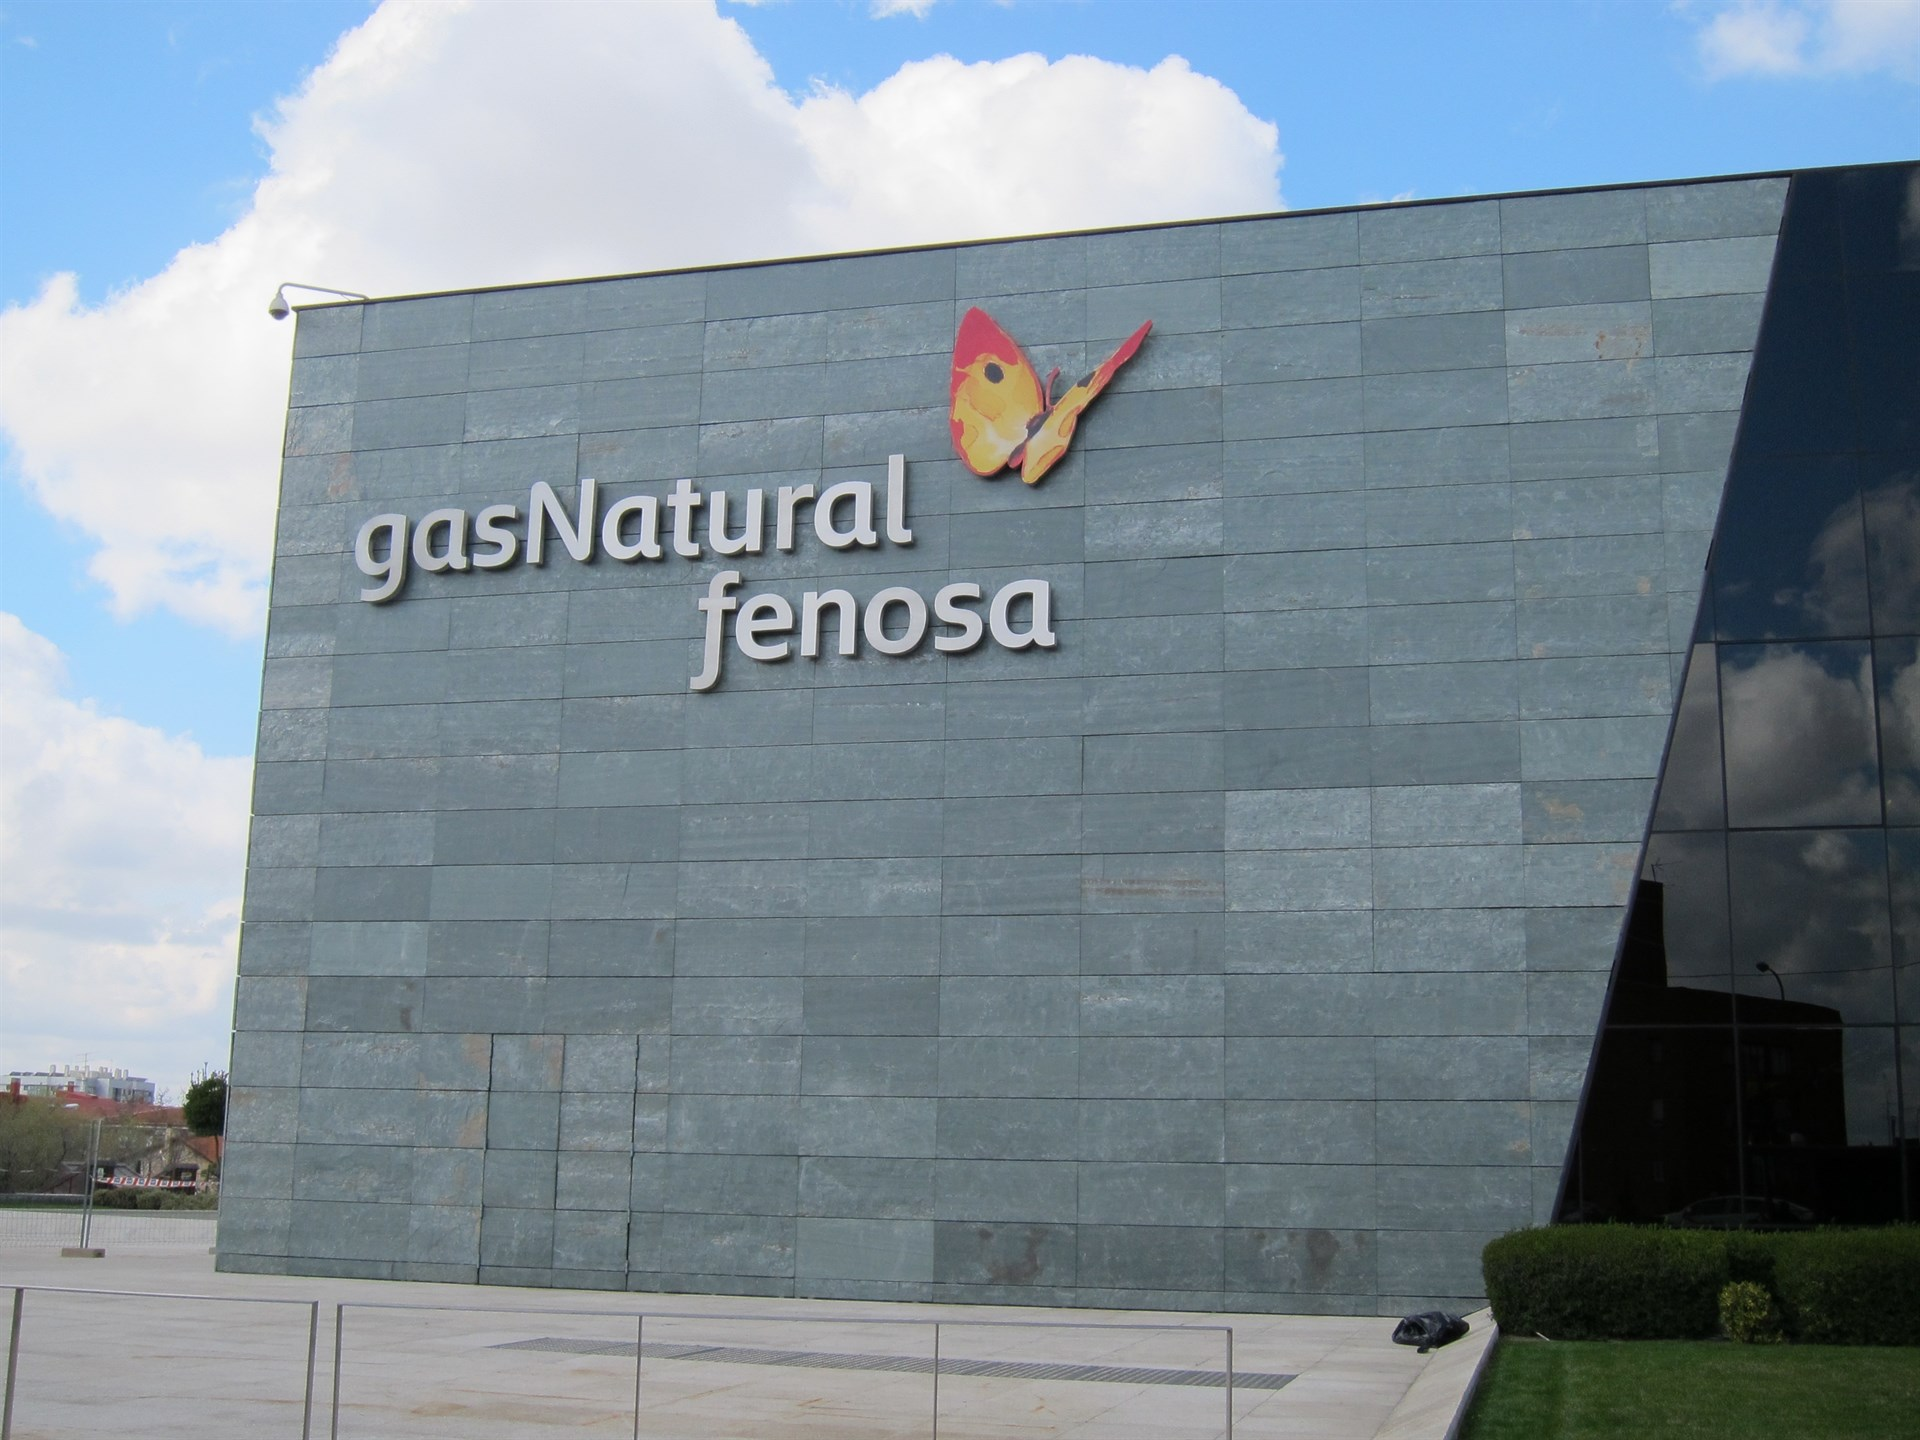 El supremo confirma la multa de un mill n a gas natural for Oficinas gas natural fenosa madrid